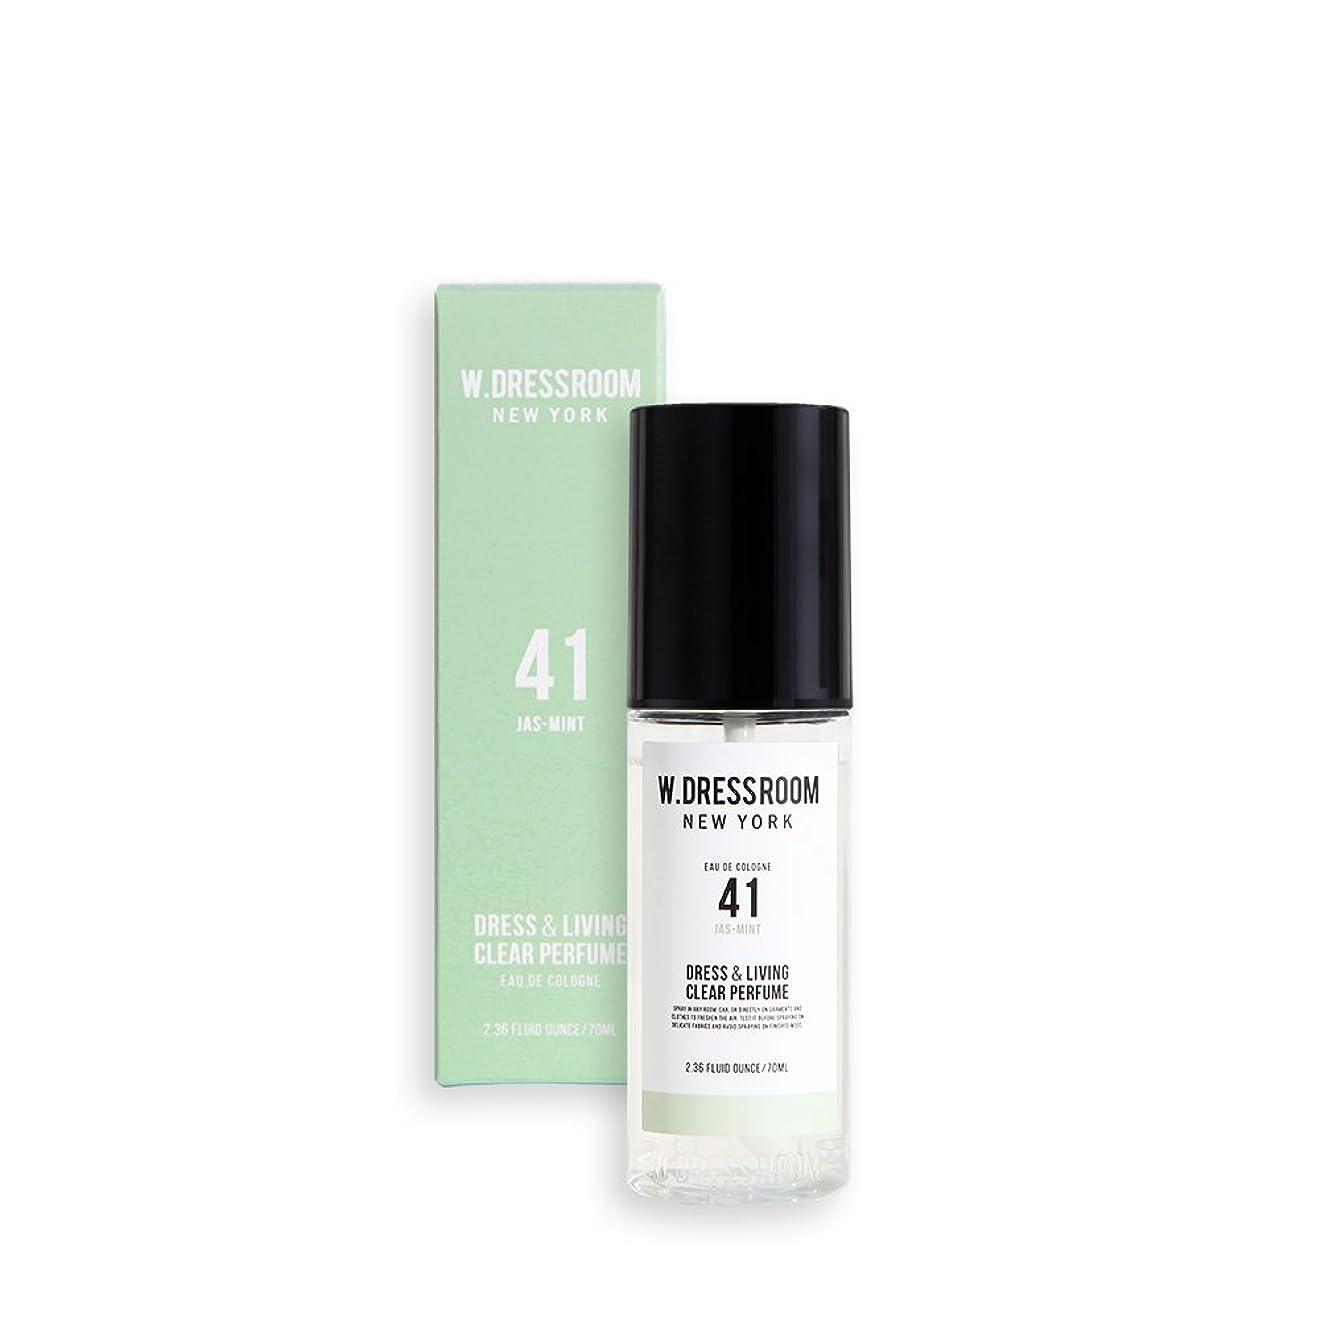 サンダース絶壁現像W.DRESSROOM Dress & Living Clear Perfume 70ml/ダブルドレスルーム ドレス&リビング クリア パフューム 70ml (#No.41 Jas-Mint) [並行輸入品]